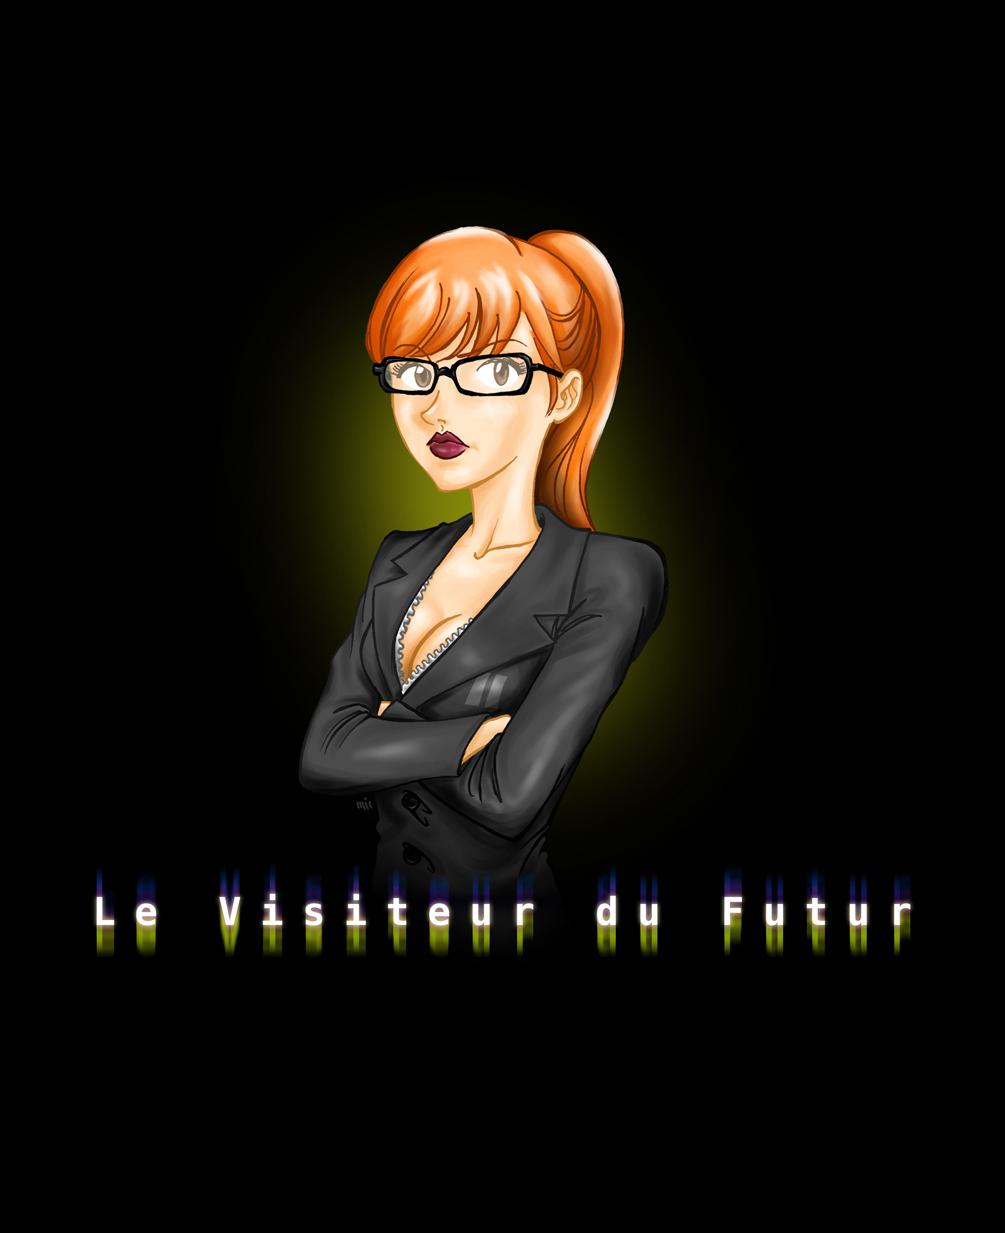 Le Visiteur du Futur - Judith - Justine Le Pottier